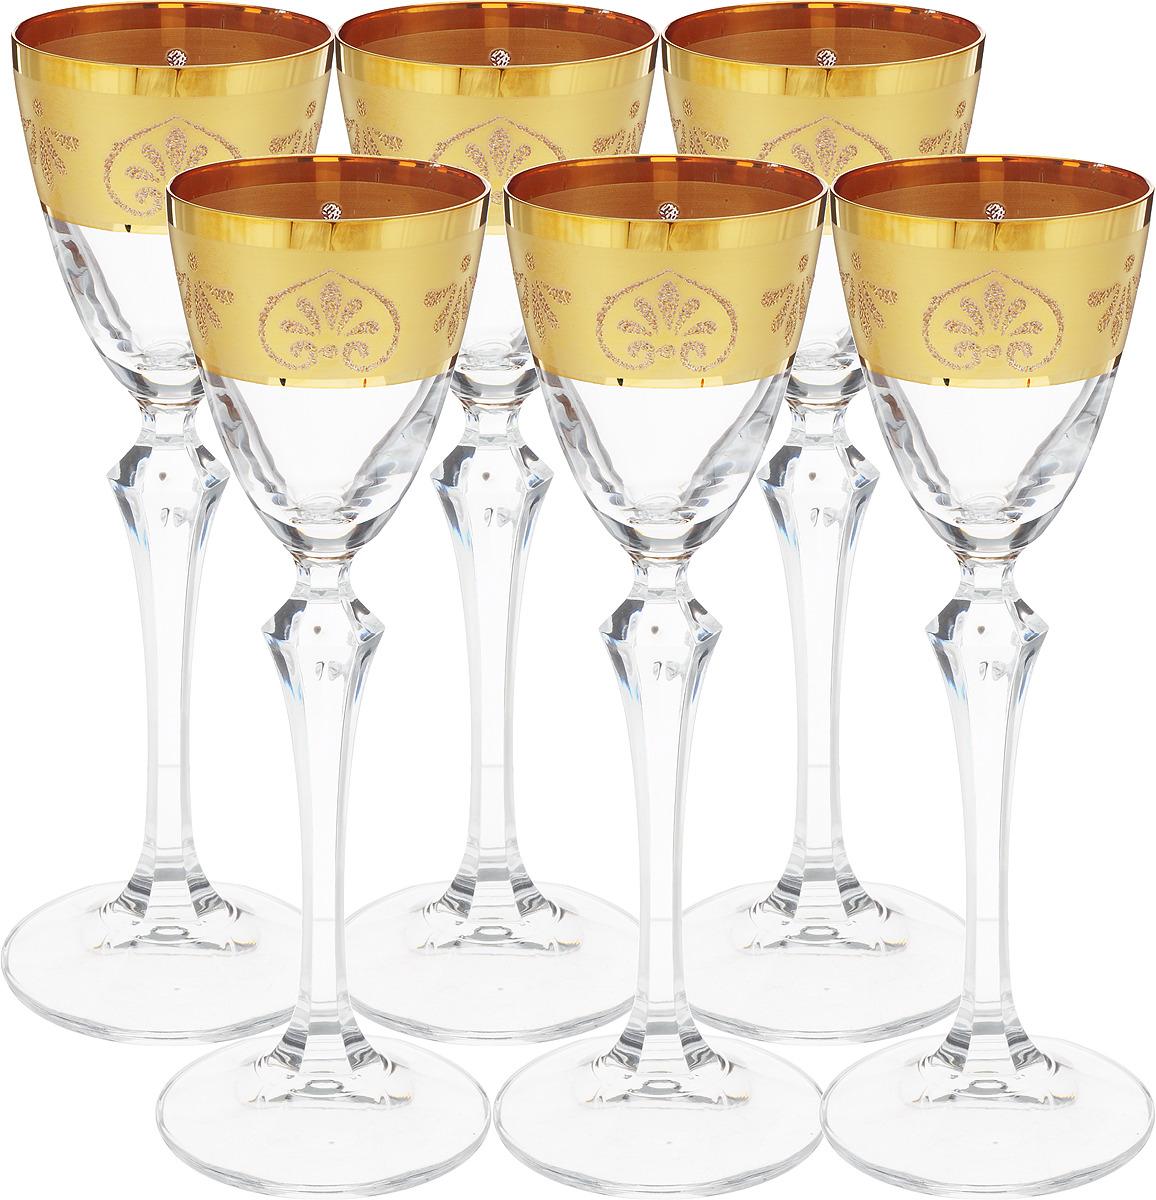 Набор рюмок для водки Bohemia Crystal Золото, 70 мл, 6 шт. 18506 набор рюмок для водки bohemia crystal виктория кристалекс 50 мл 6 шт 21005